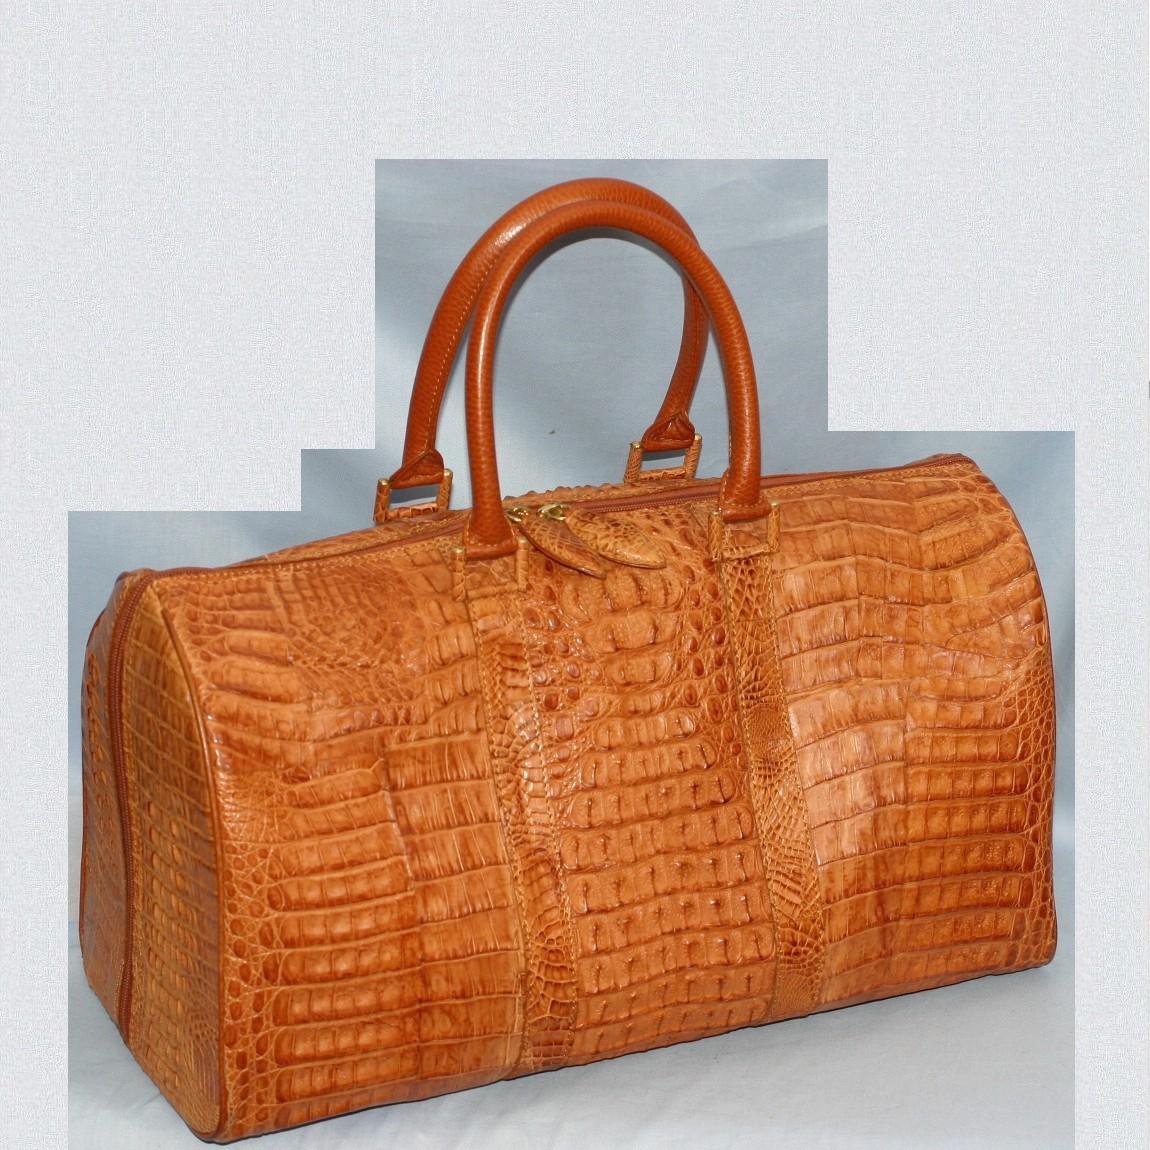 【中古】ほぼ新品高級感漂うブラウン色男女兼用42cmカイマンワニ素材旅行鞄ボストンバッグ